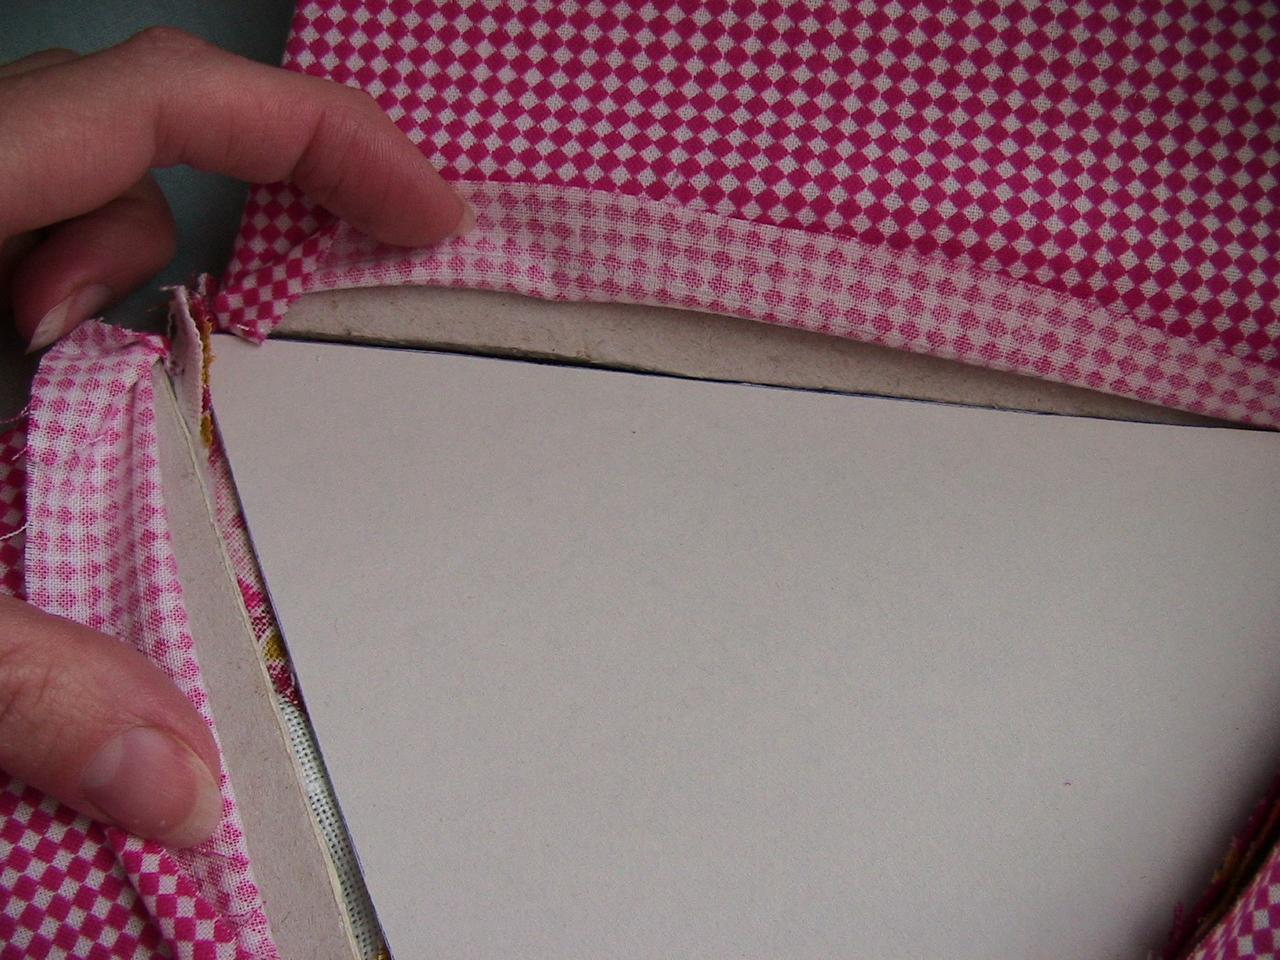 Фото как правильно сшить угол документа